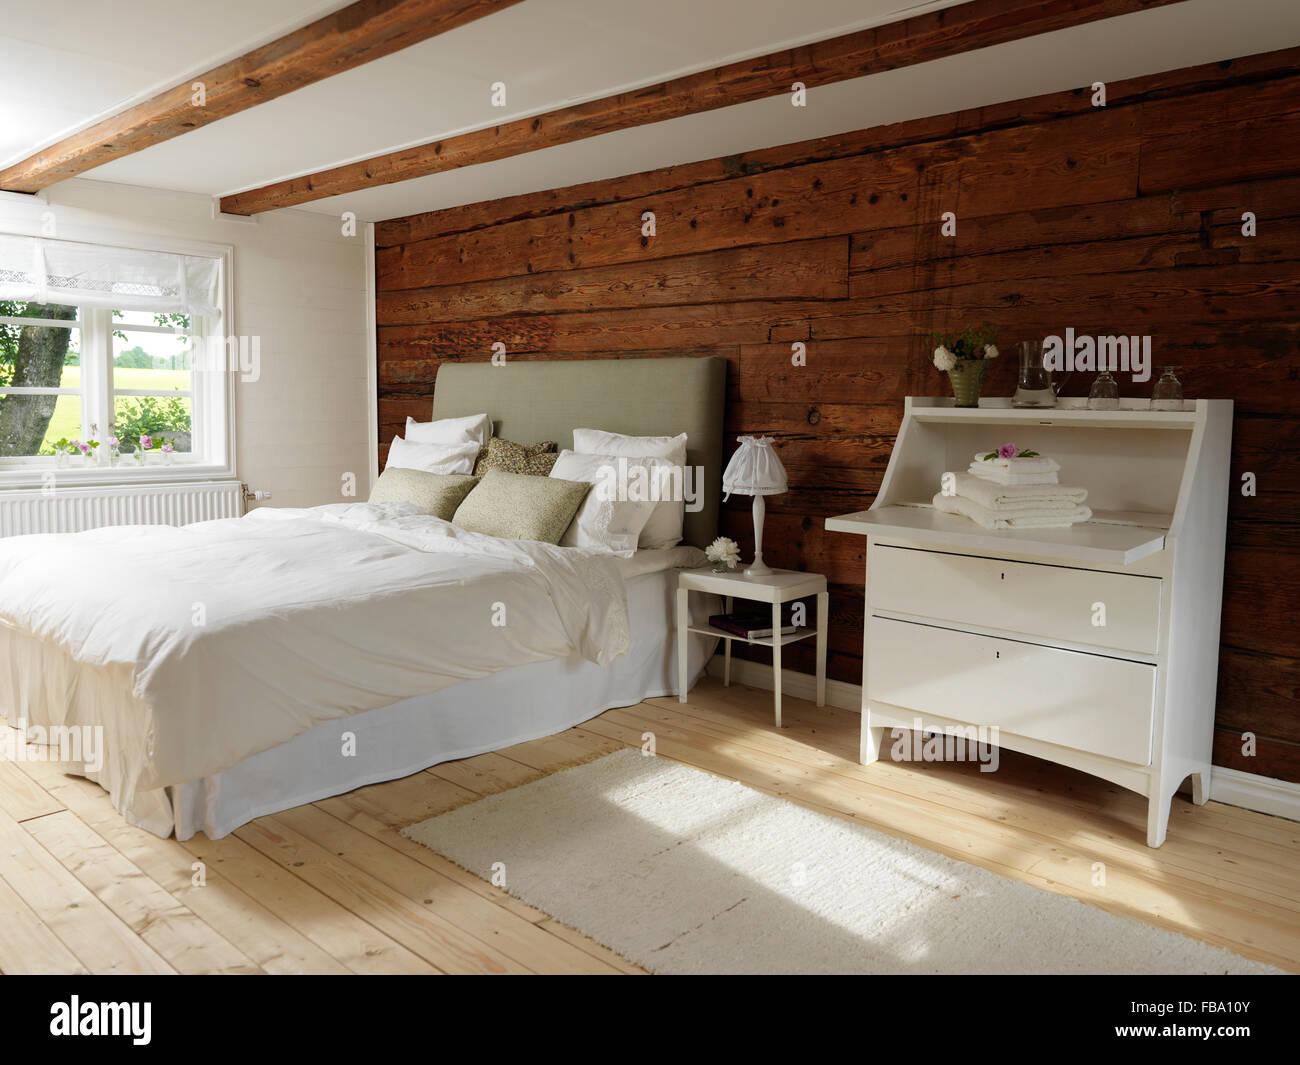 Camera Da Letto Legno Bianco : La svezia stile scandinavo e camera da letto con il legno e il